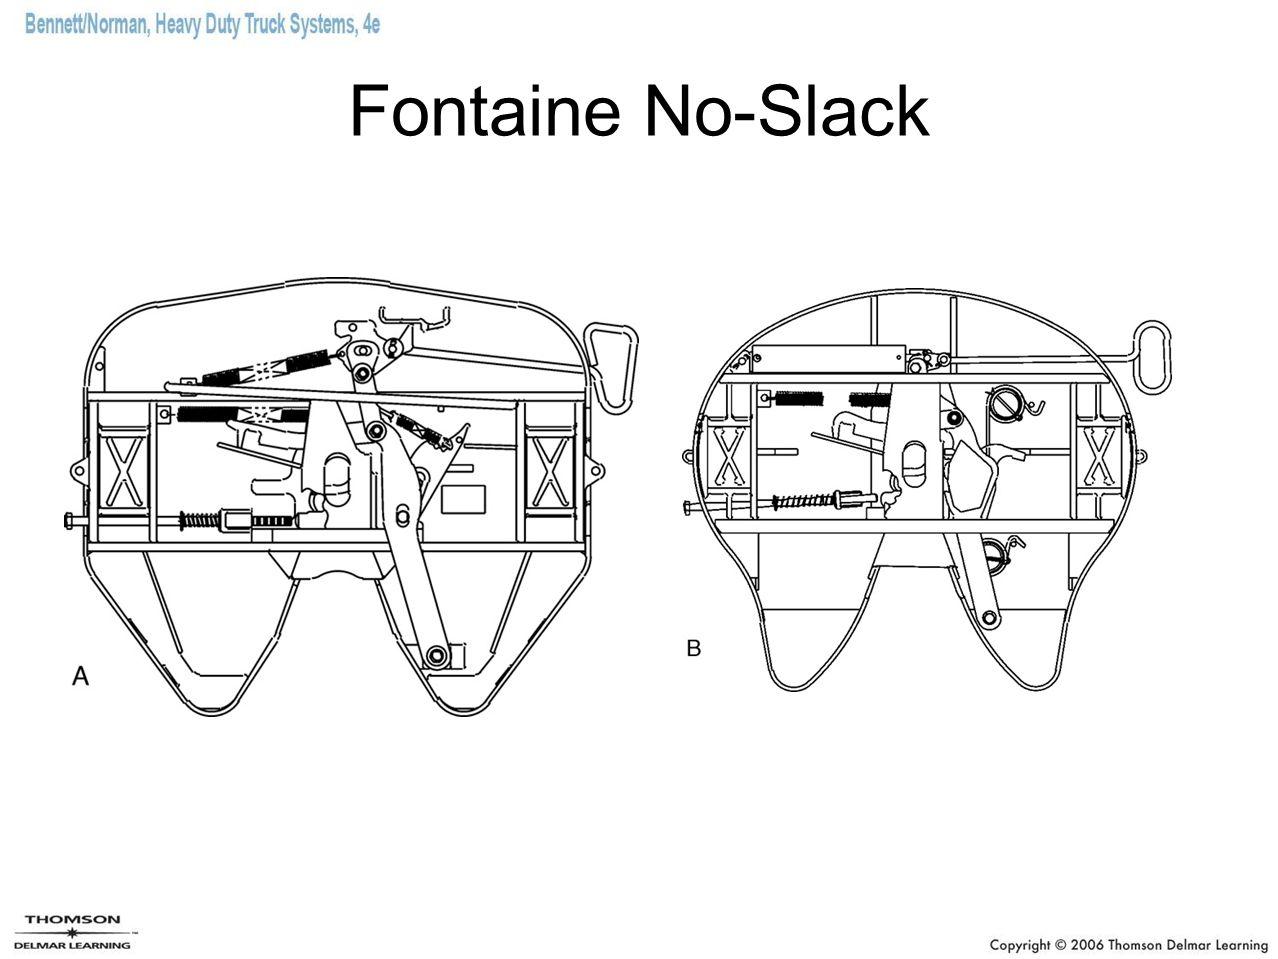 Fontaine No-Slack